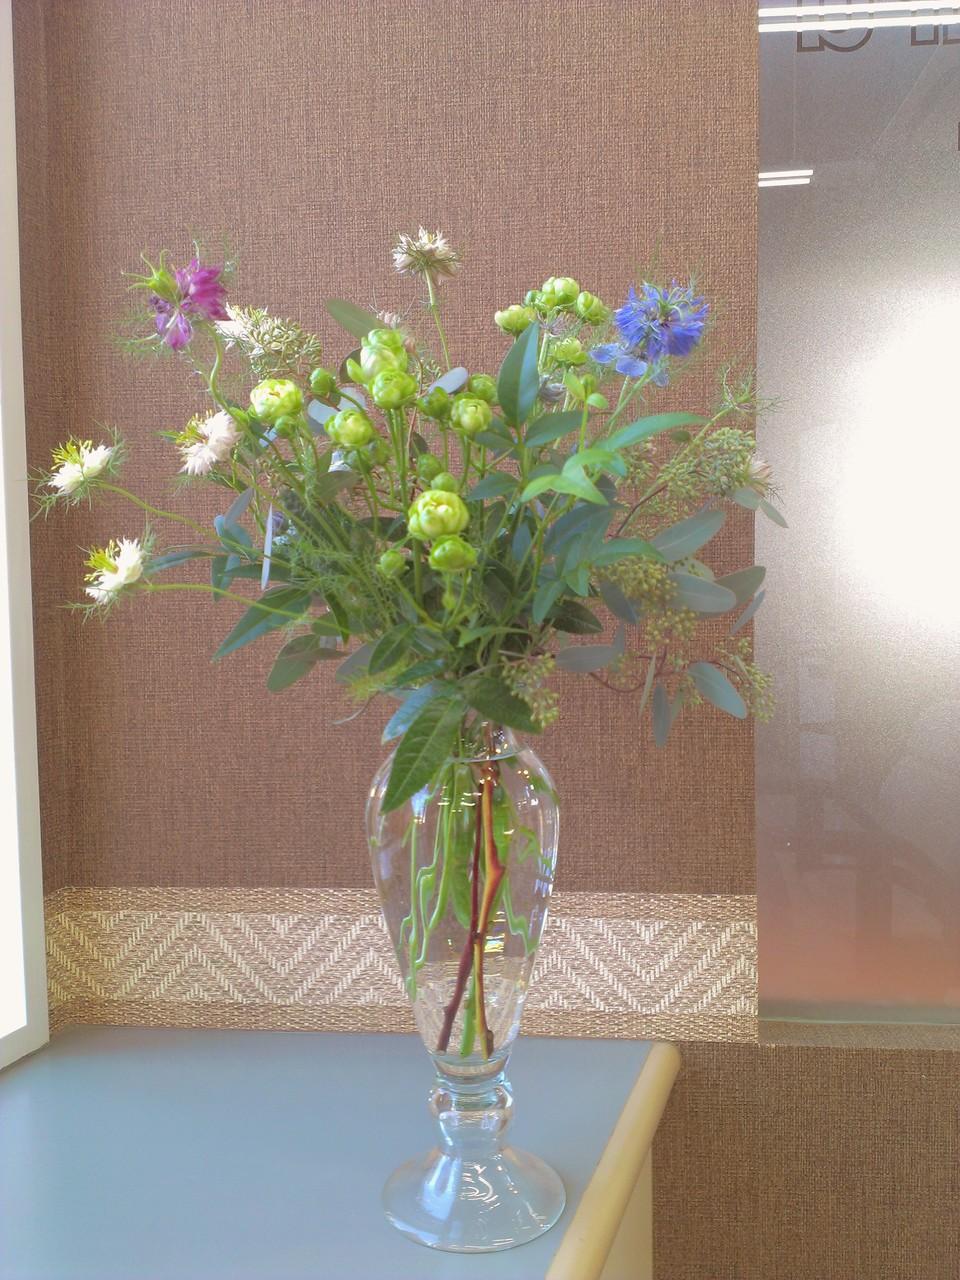 2014.10.22 スプレーバラ(エ・クレール)、ニゲラ、ユーカリ ポポラスベリー、ソケイ ・グリーン色のころんとしたお花がスプレーバラで非常に珍しいお花。紫、青、白色と『濡れ髪のビーナス』と称される幻想的なお花のニゲラ、白っぽい葉っぱと、稲のように無数の蕾を実らすユーカリ ポポラスベリー。青々とした緑色の葉っぱのソケイからなるやわらかなお花をイメージしたフワッとしたアレンジメントです。花言葉 スプレーバラ(エ・クレール)【感銘】、ニゲラ【不屈の精神】、ユーカリ ポポラスベリー【新生】、ソケイ【可憐】